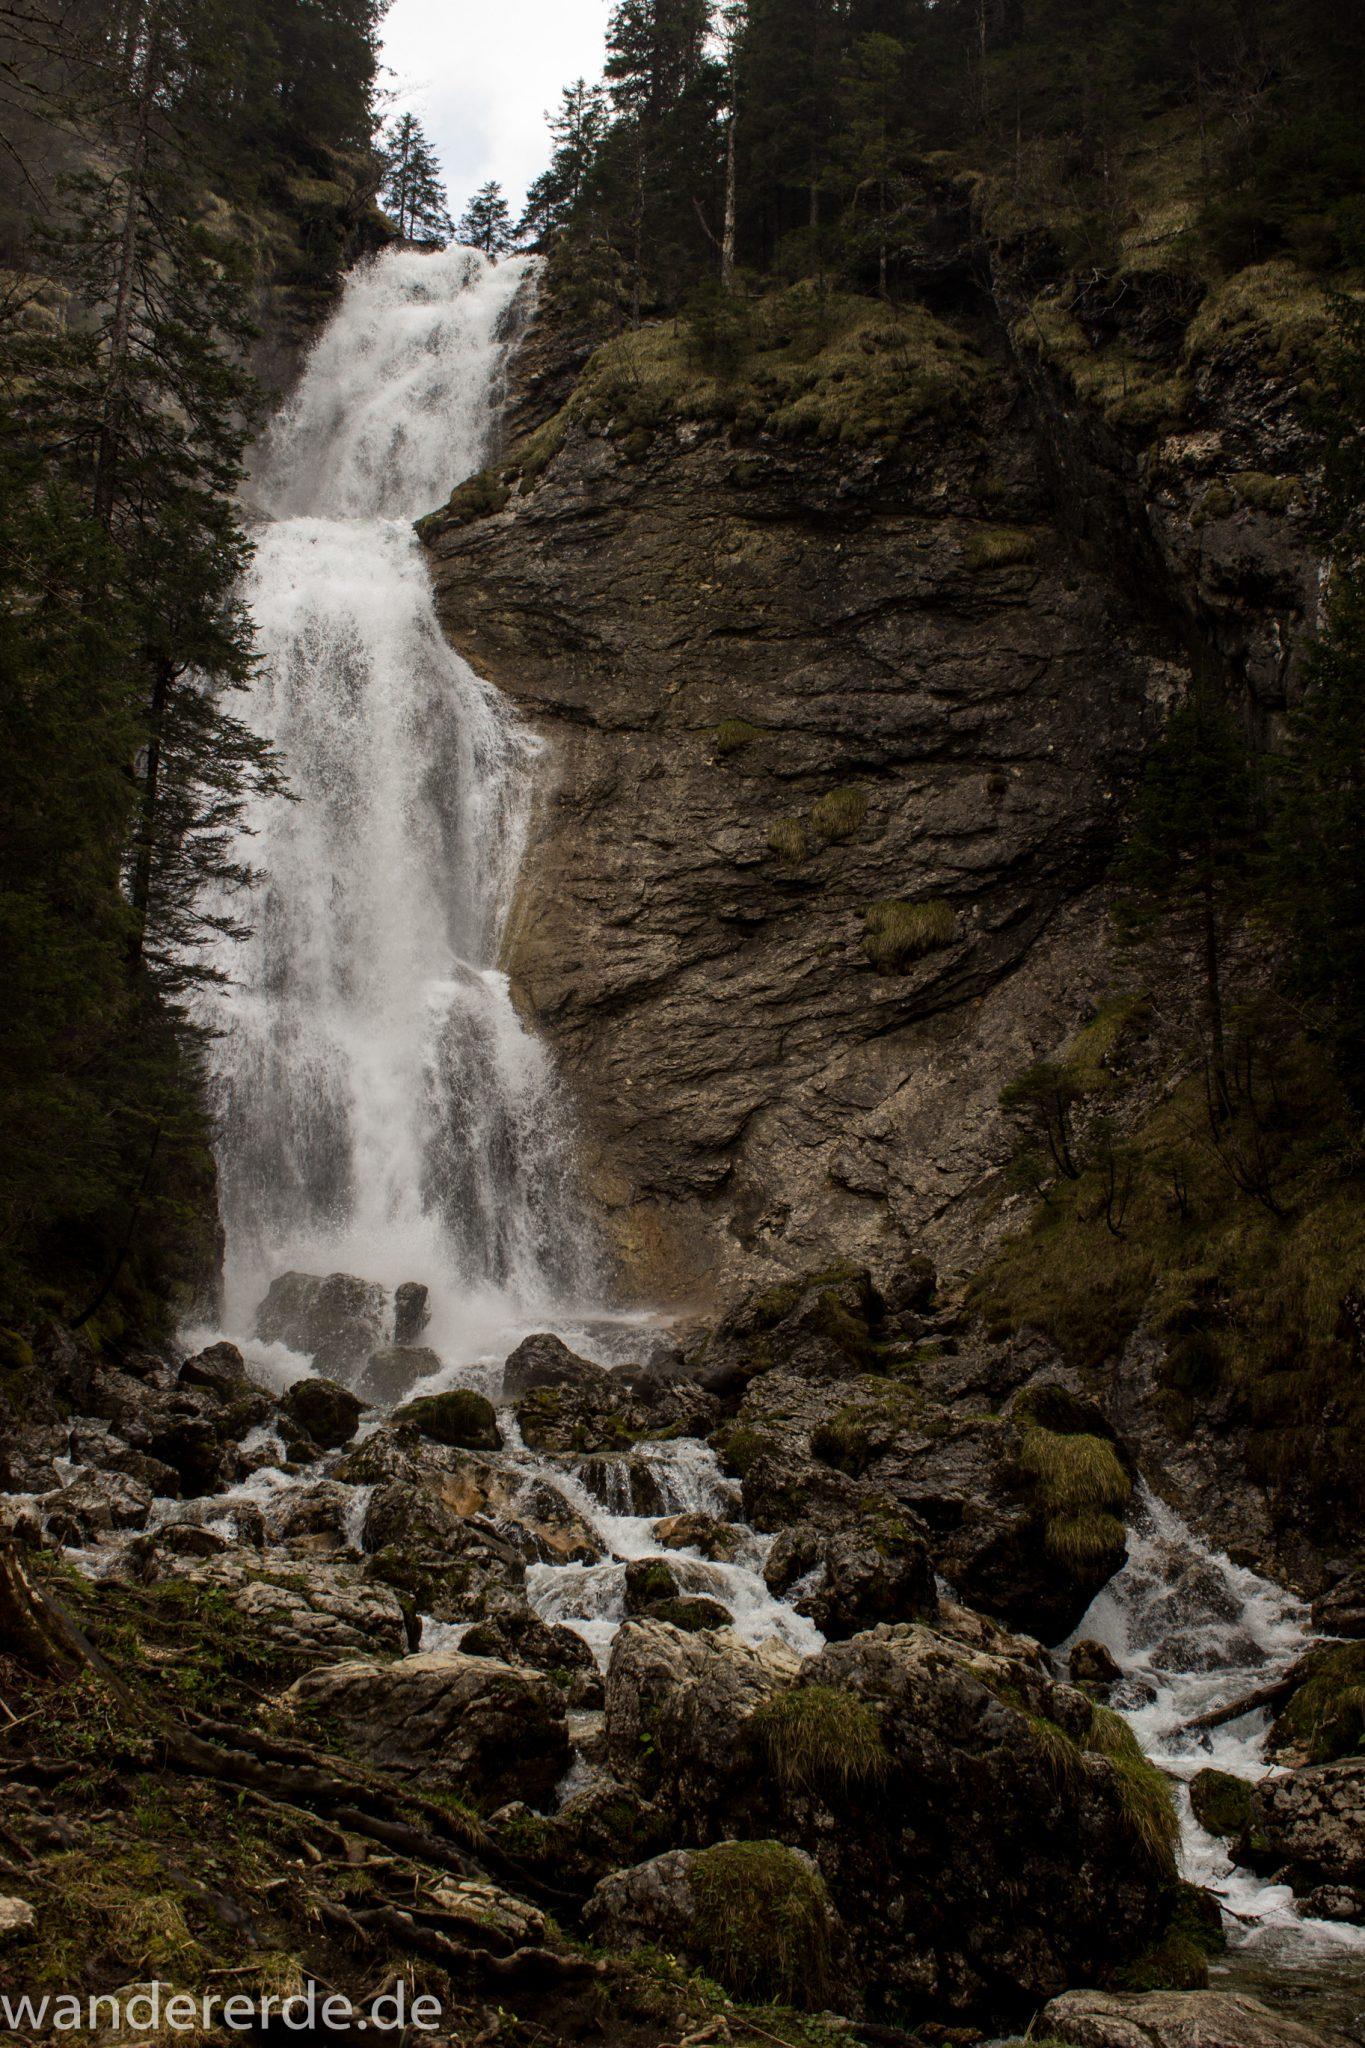 Wanderung zur Kenzenhütte in den Ammergauer Alpen, Wasserfall wenige Minuten von der Kenzenhütte entfernt, moosbewachsene Steine, klares Wasser bahnt sich seinen Weg ins Tal